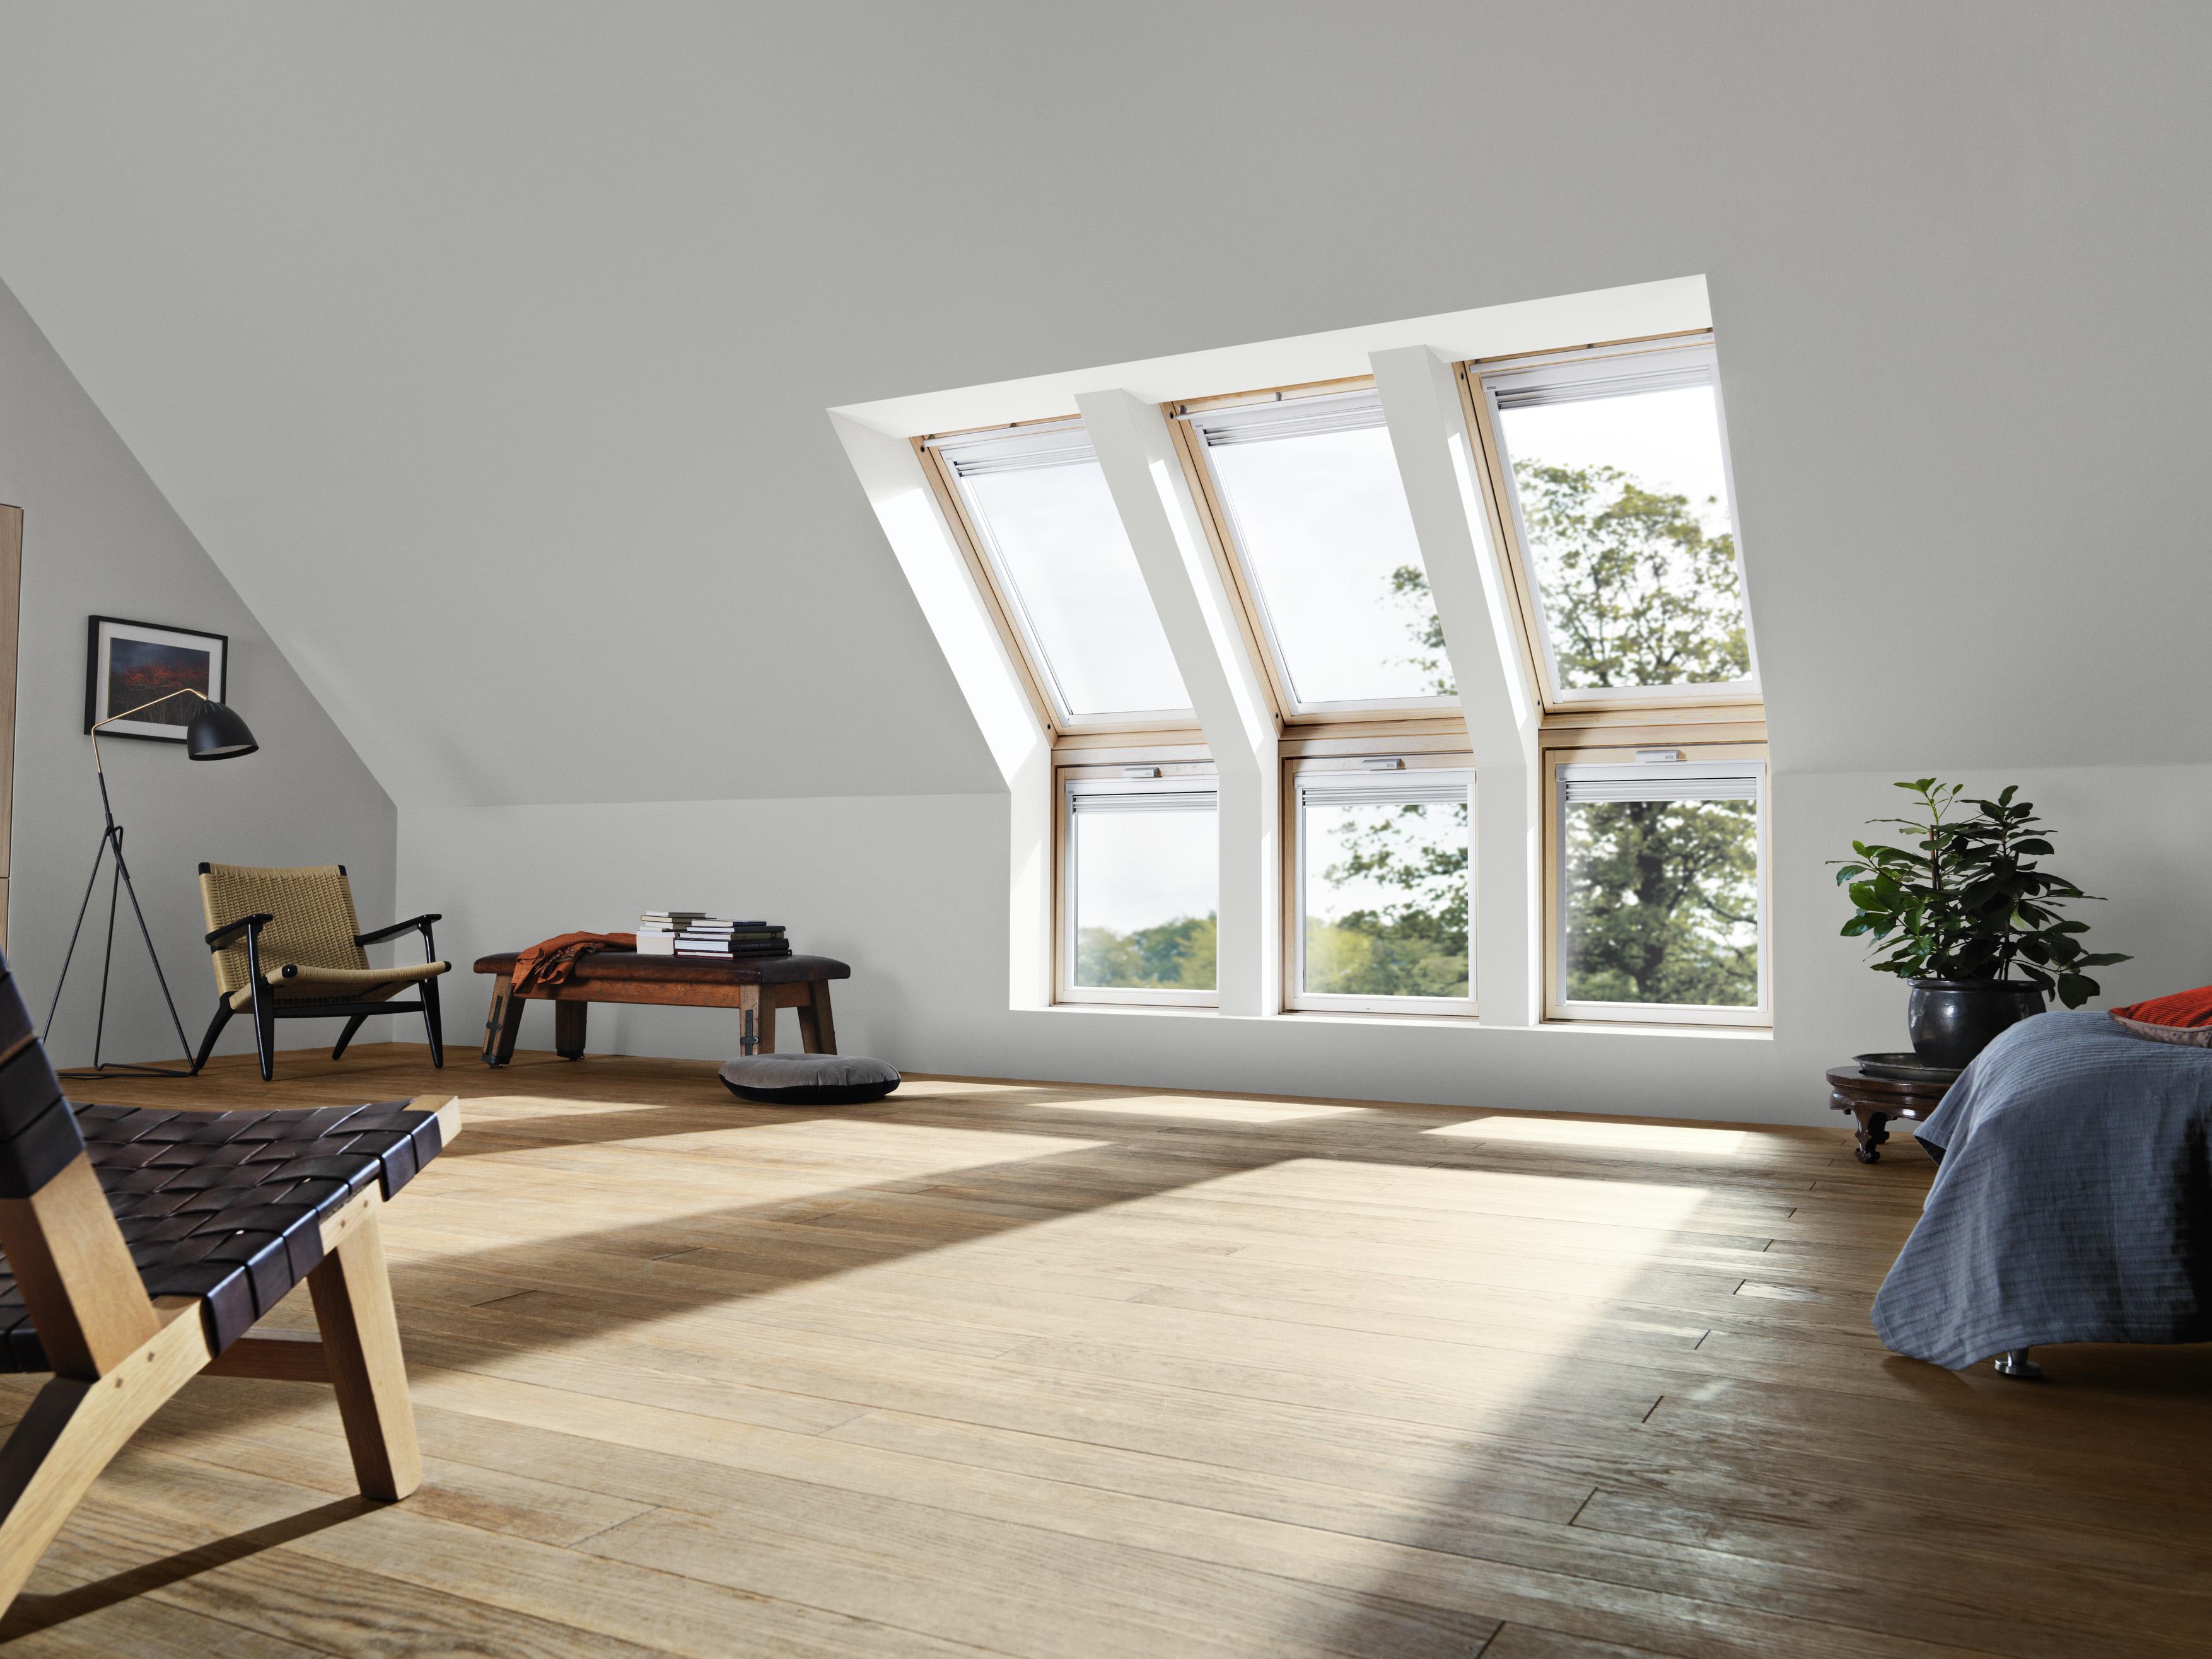 Fenètre de toit - Velux - Roto